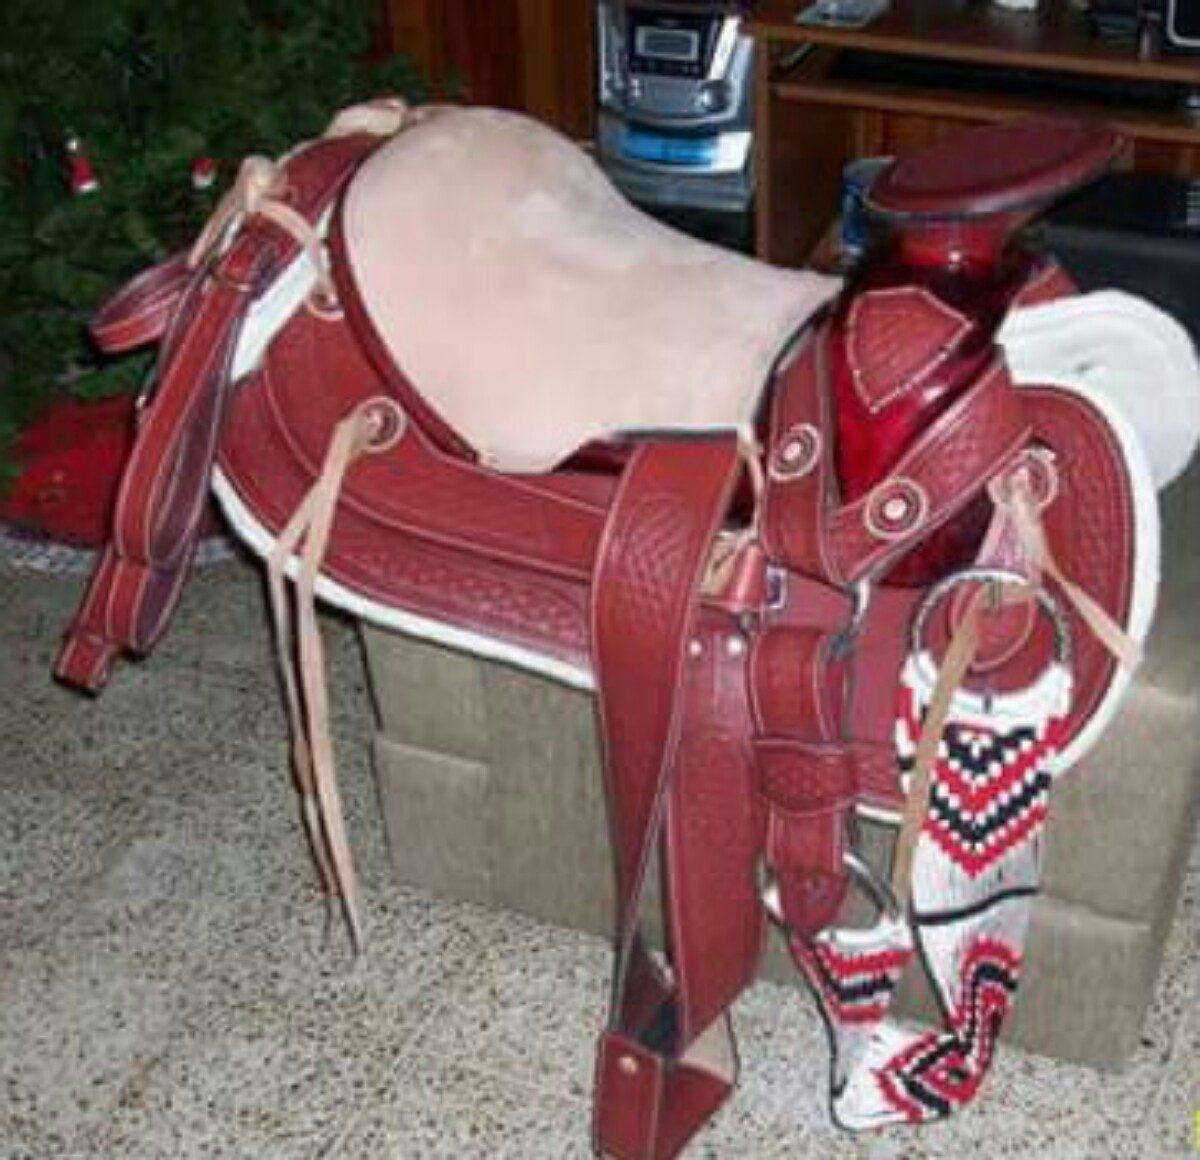 Silla de montar cola de pato 5 en mercado libre for Sillas para montar